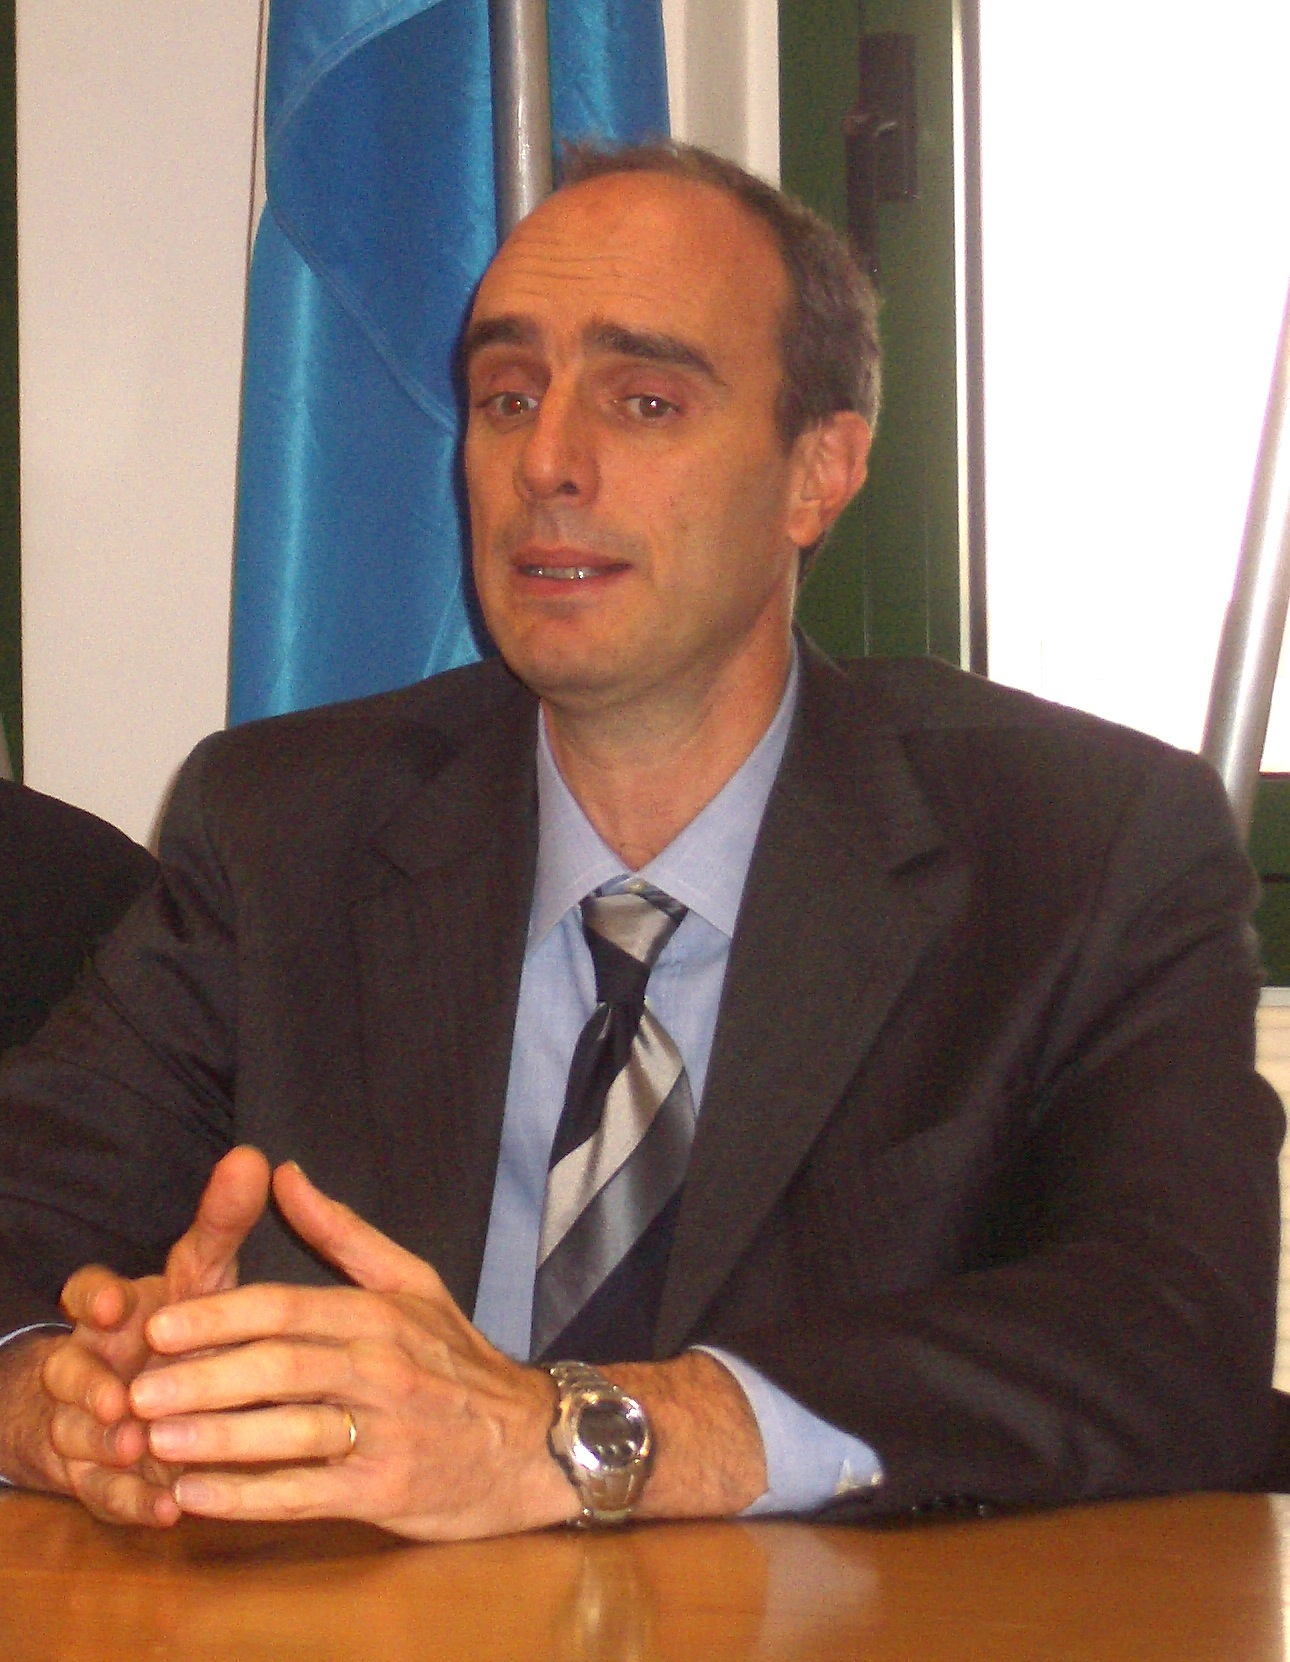 PAOLO BENVENUTI